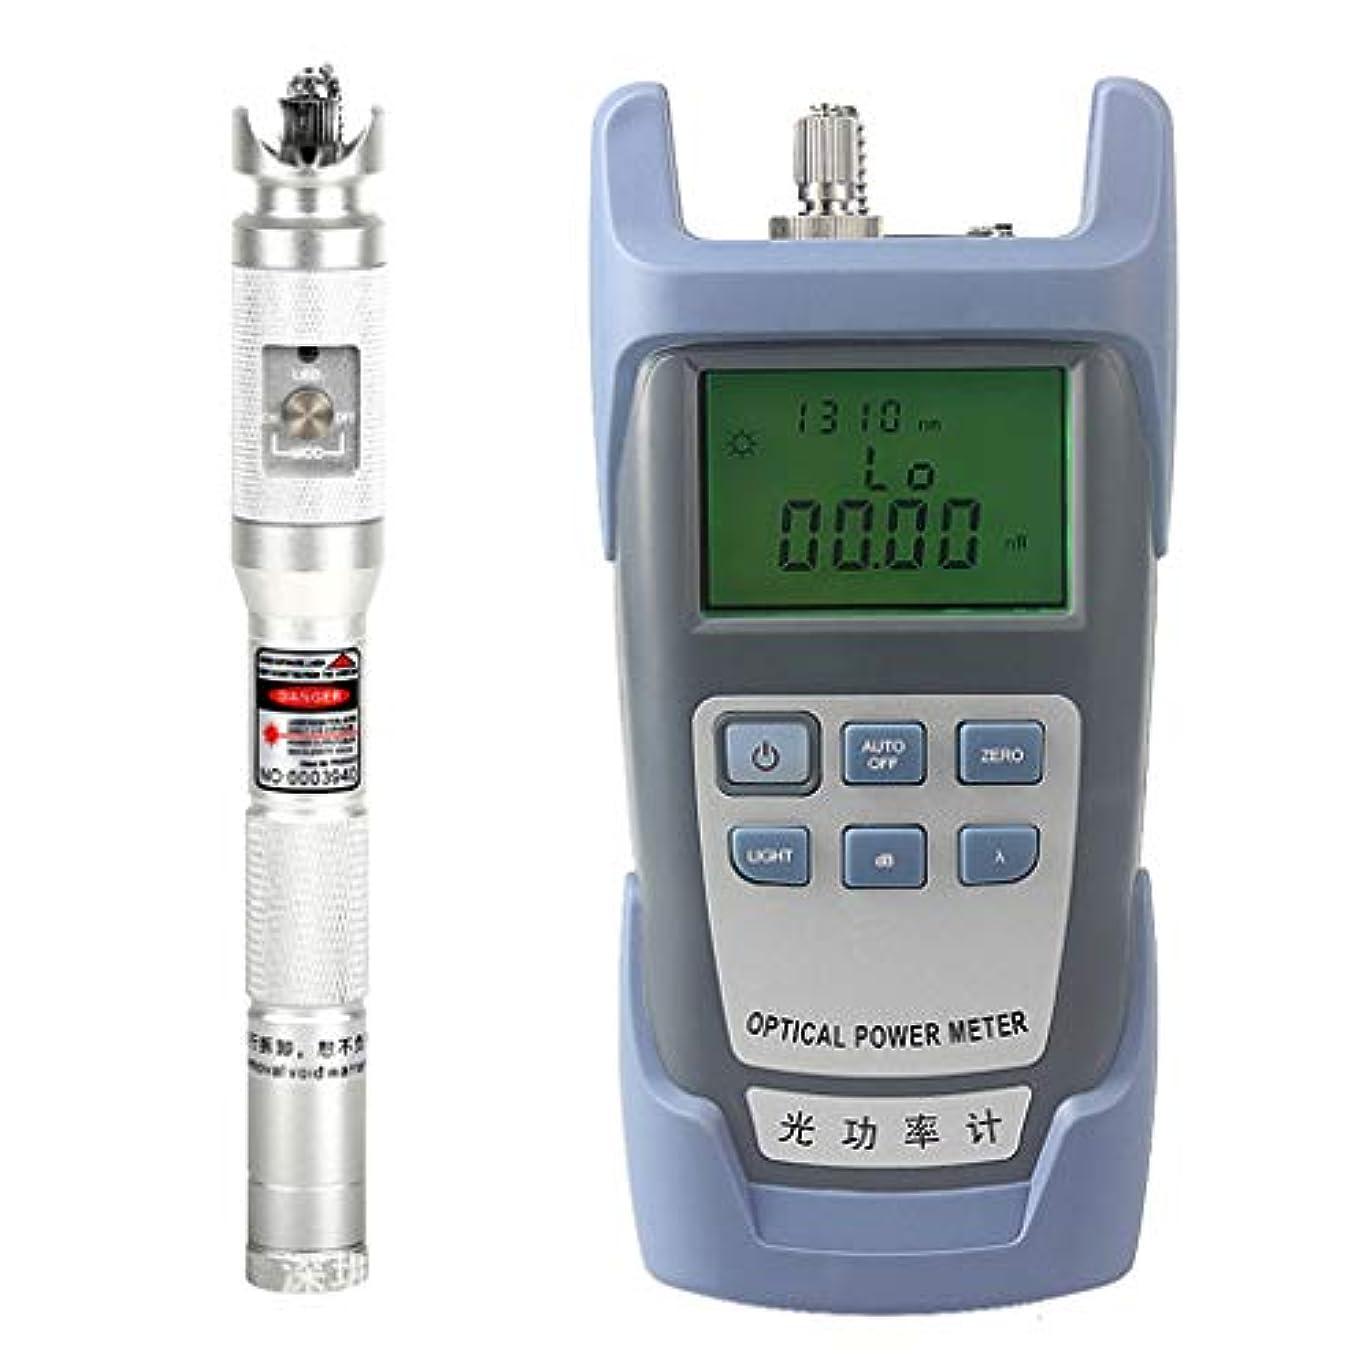 小切手コンクリート視力P Prettyia 高精度 ファイバオプティカル 光パワーメーター 光ケーブルテスター 測定器 オリジナル 10MW視覚障害探知機